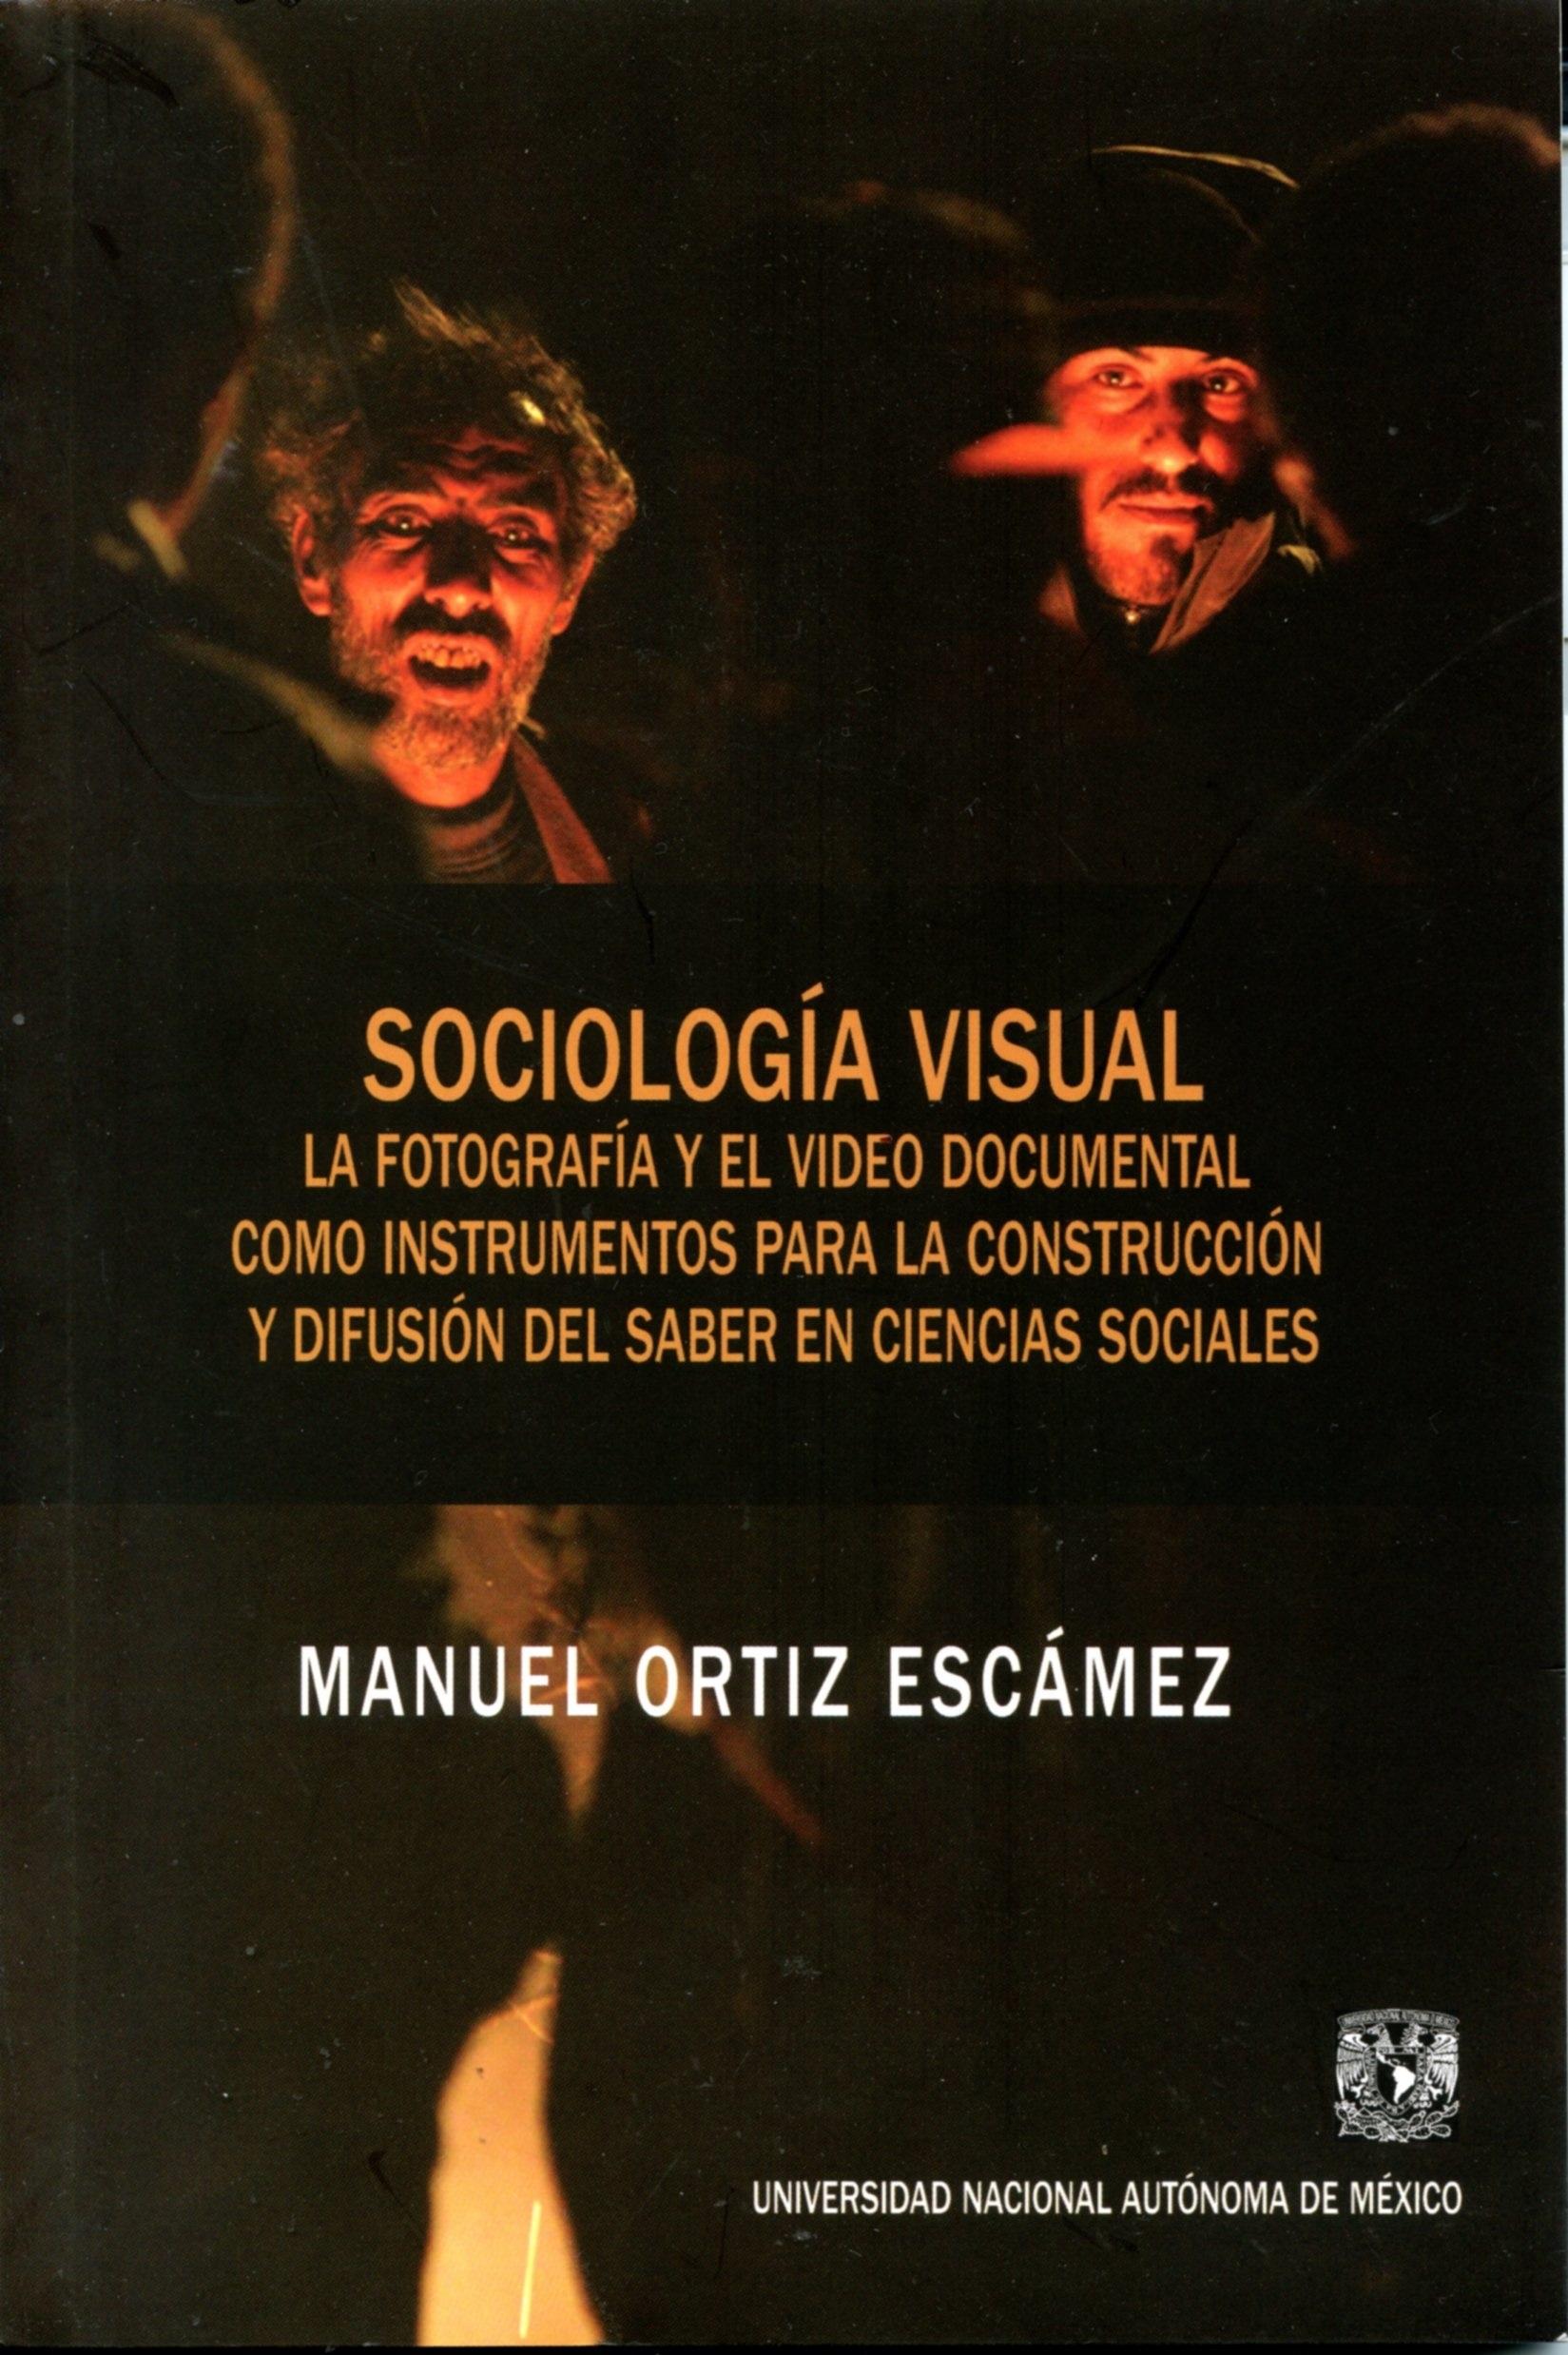 Sociología visual La fotografía y el video documental como instrumentos para la construcción y difusión del saber en ciencias sociales